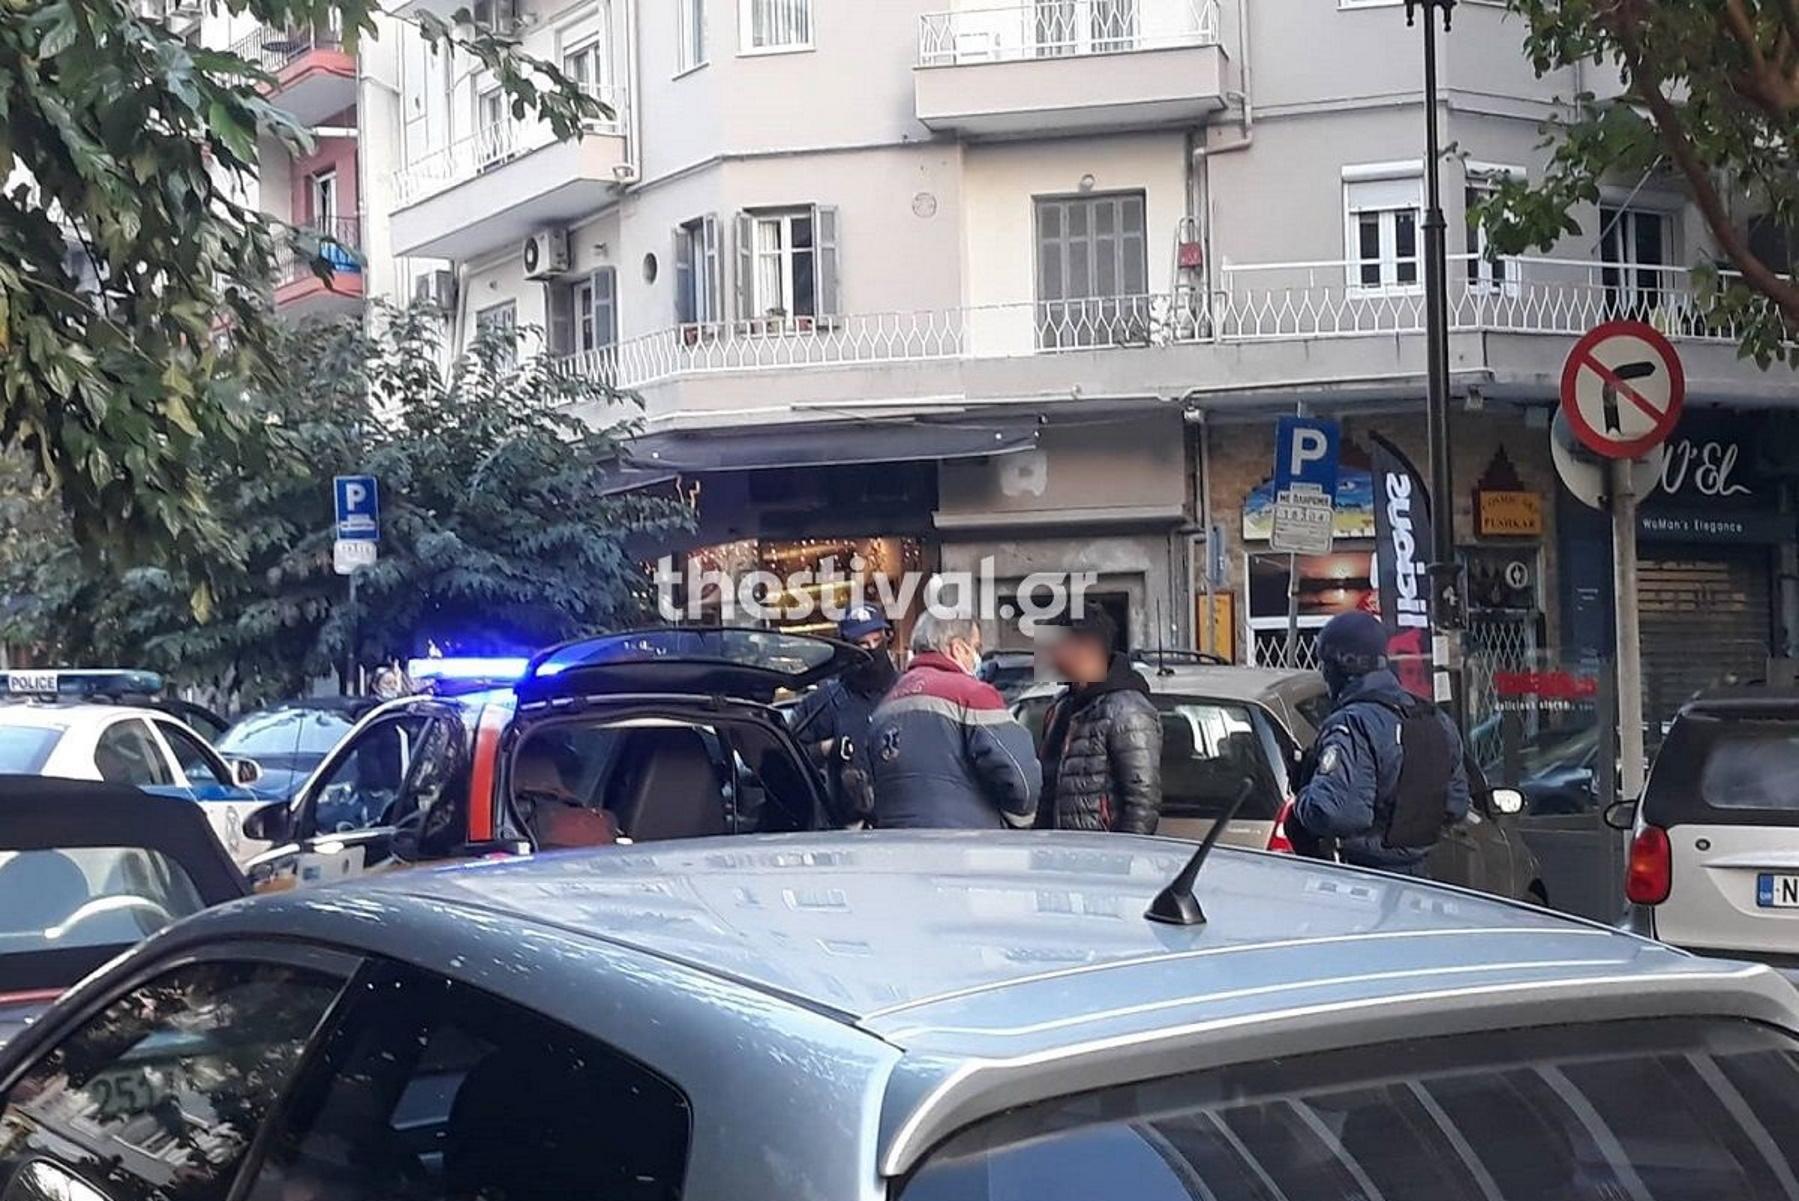 Θεσσαλονίκη: Πήγε να κάνει διάρρηξη και τον έδειραν περαστικοί (pics)